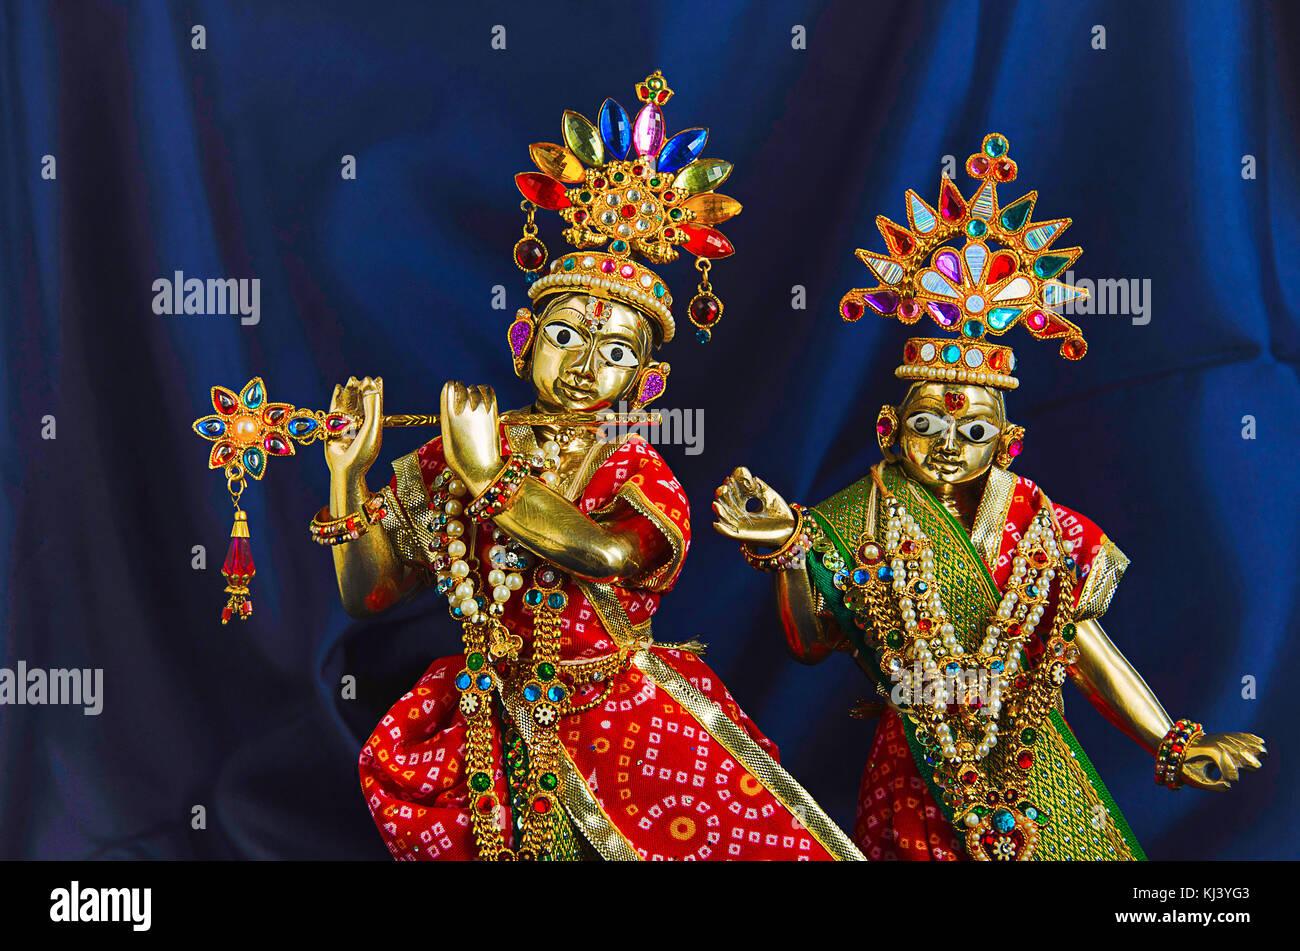 Messing Statue von Lord Krishna mit Flöte und radha (Teilansicht) mit mukut oder Krone auf dunkelblauem Hintergrund Stockbild